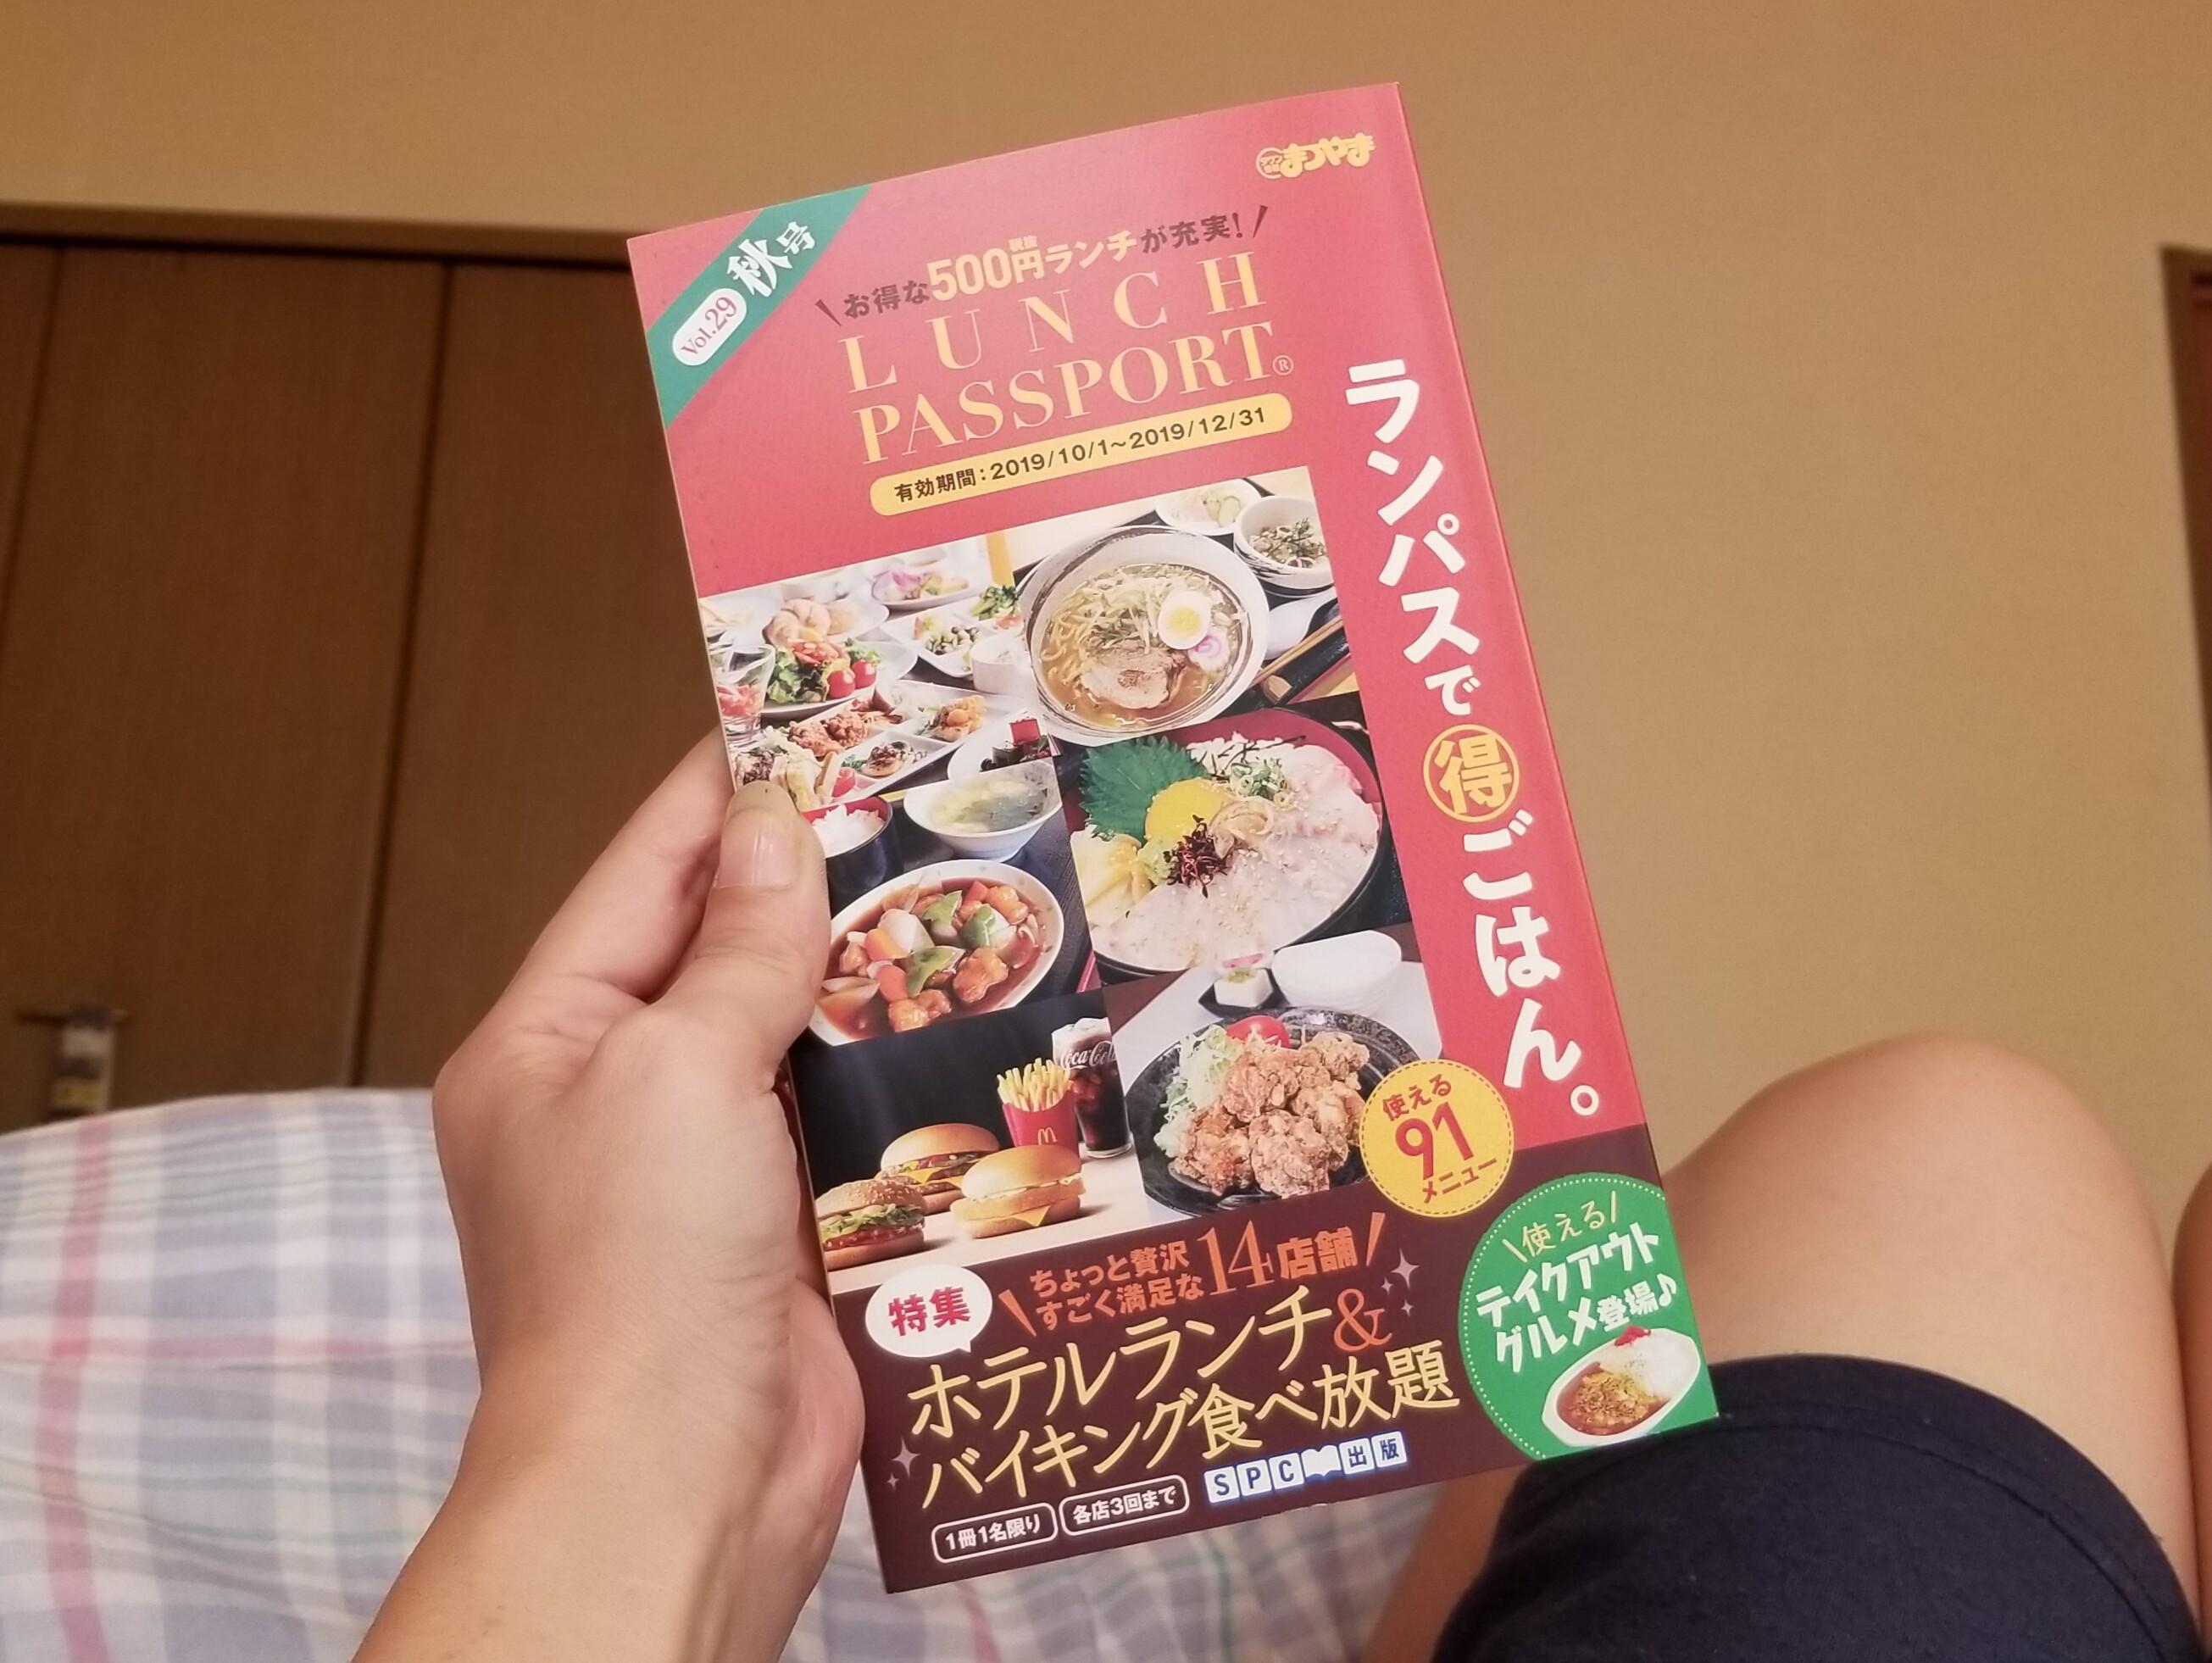 ランチパスポート巡り愛媛県おいしいグルメおすすめ本コスパ良い